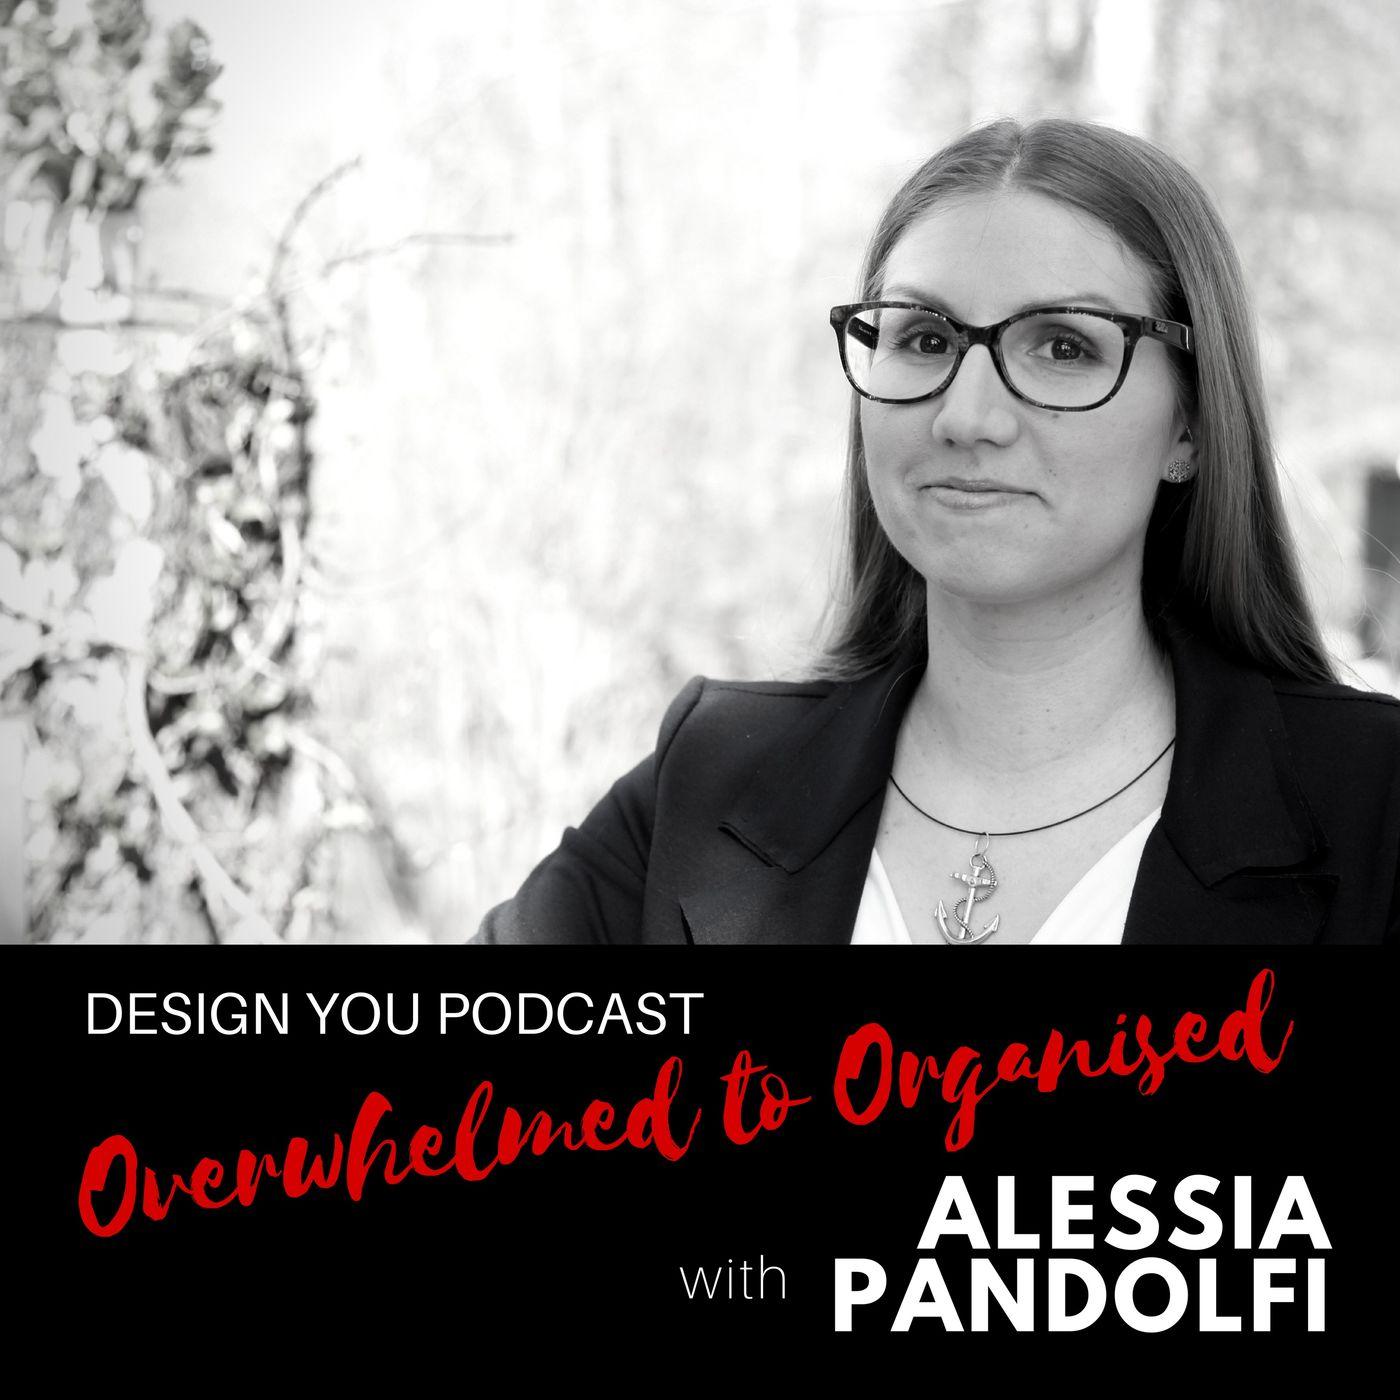 EP 043 – Overwhelmed to Organised Alessia Pandolfi